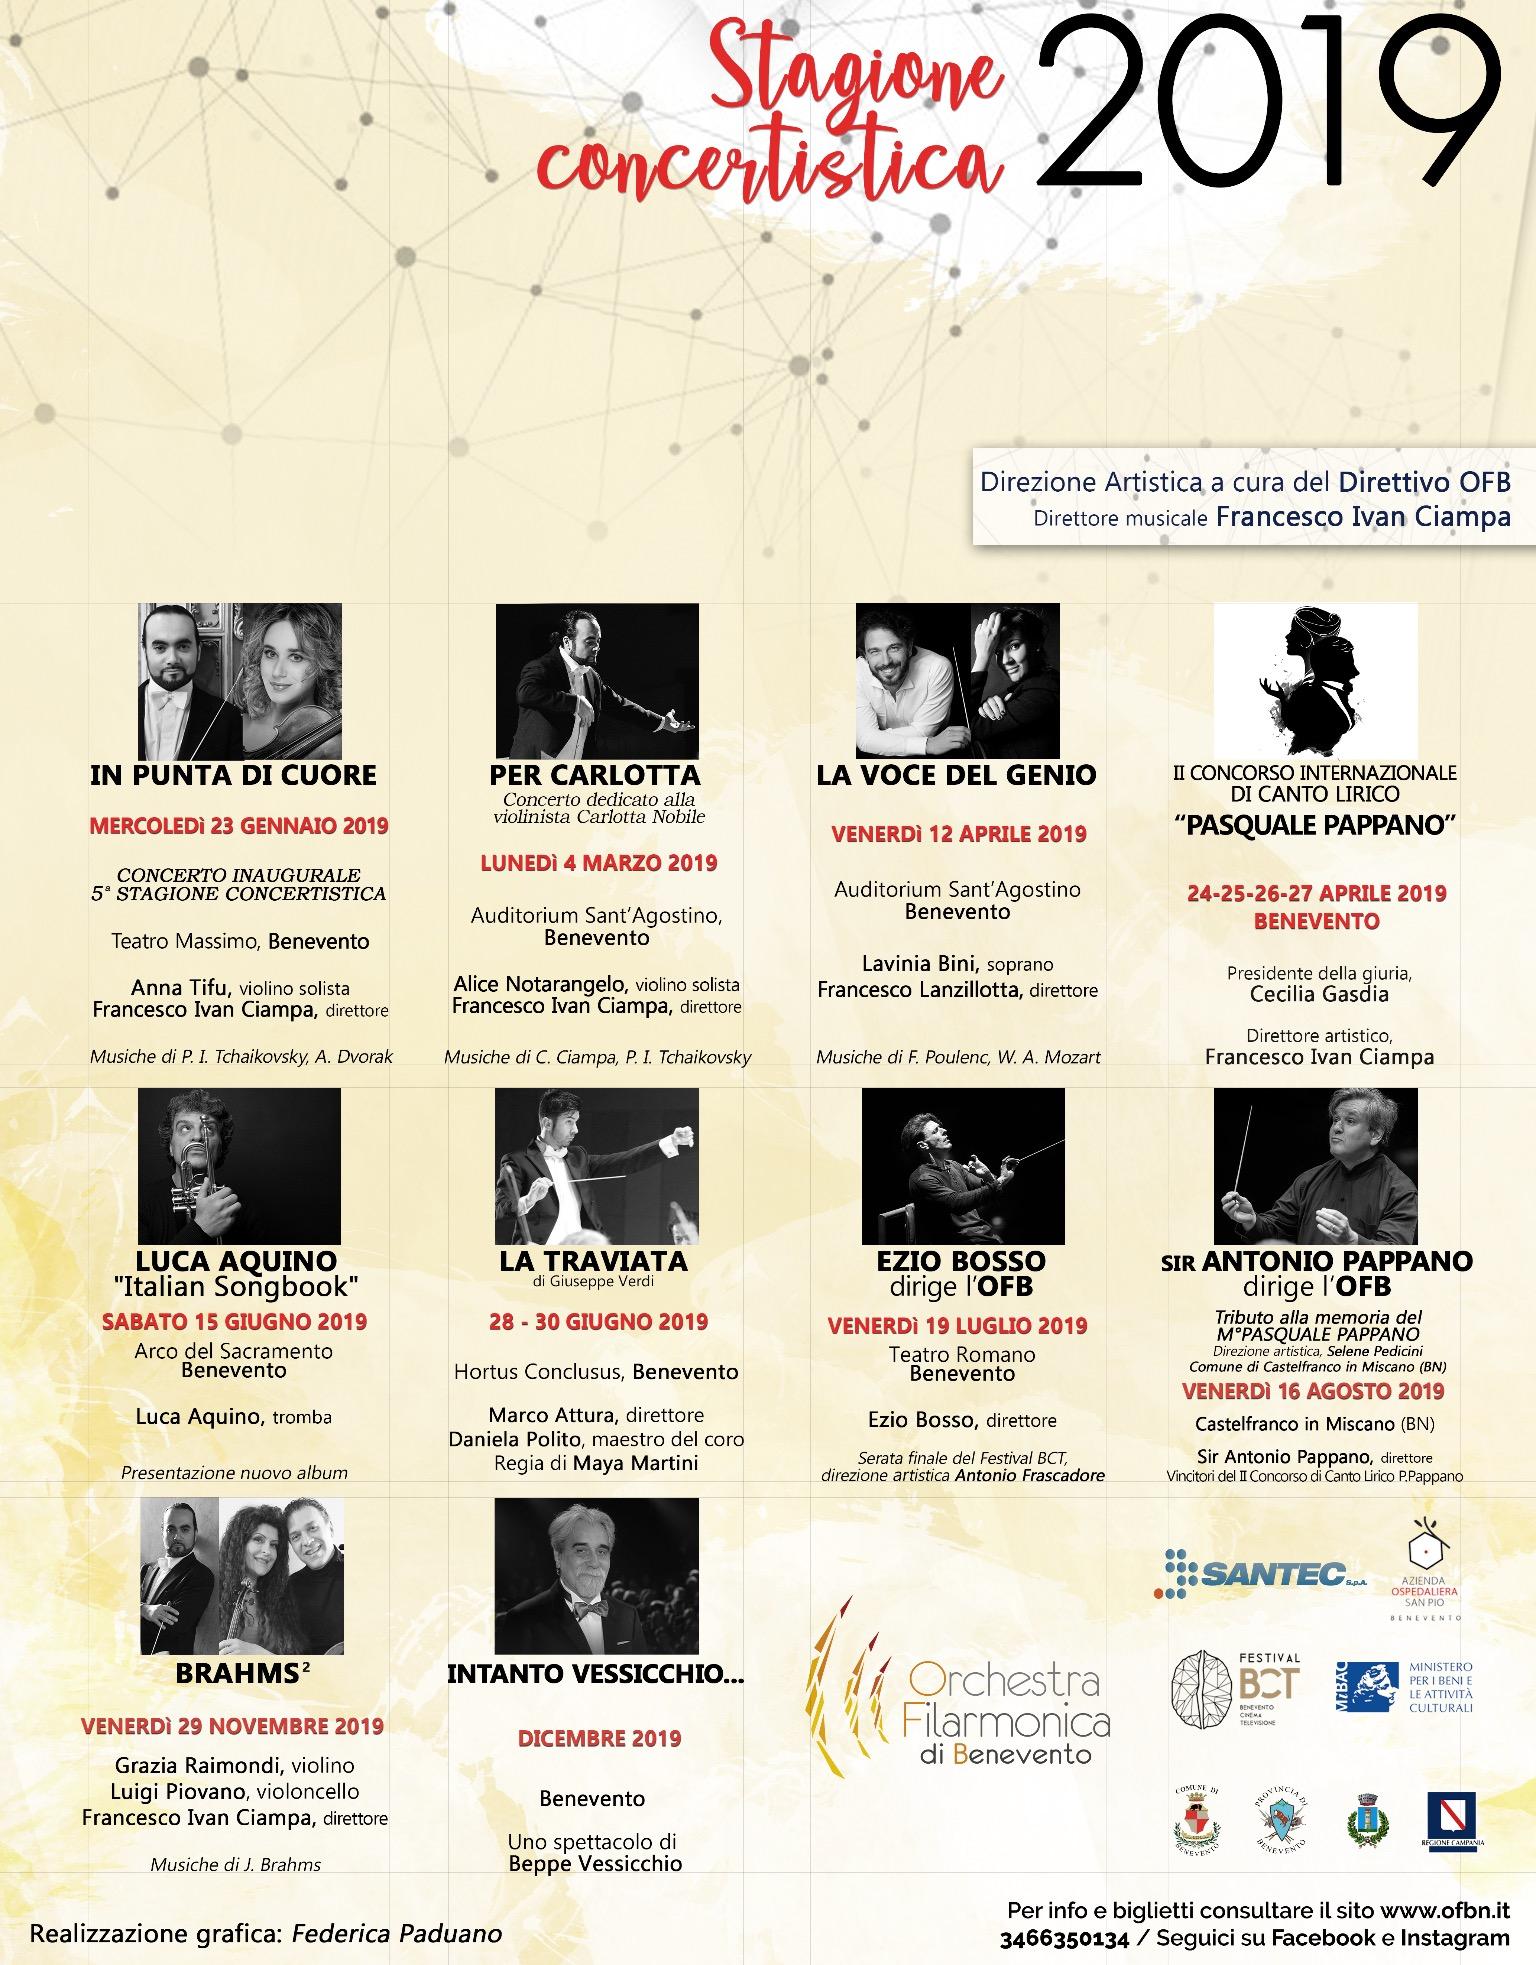 L'Orchestra filarmonica di Benevento annuncia la Stagione concertistica 2019